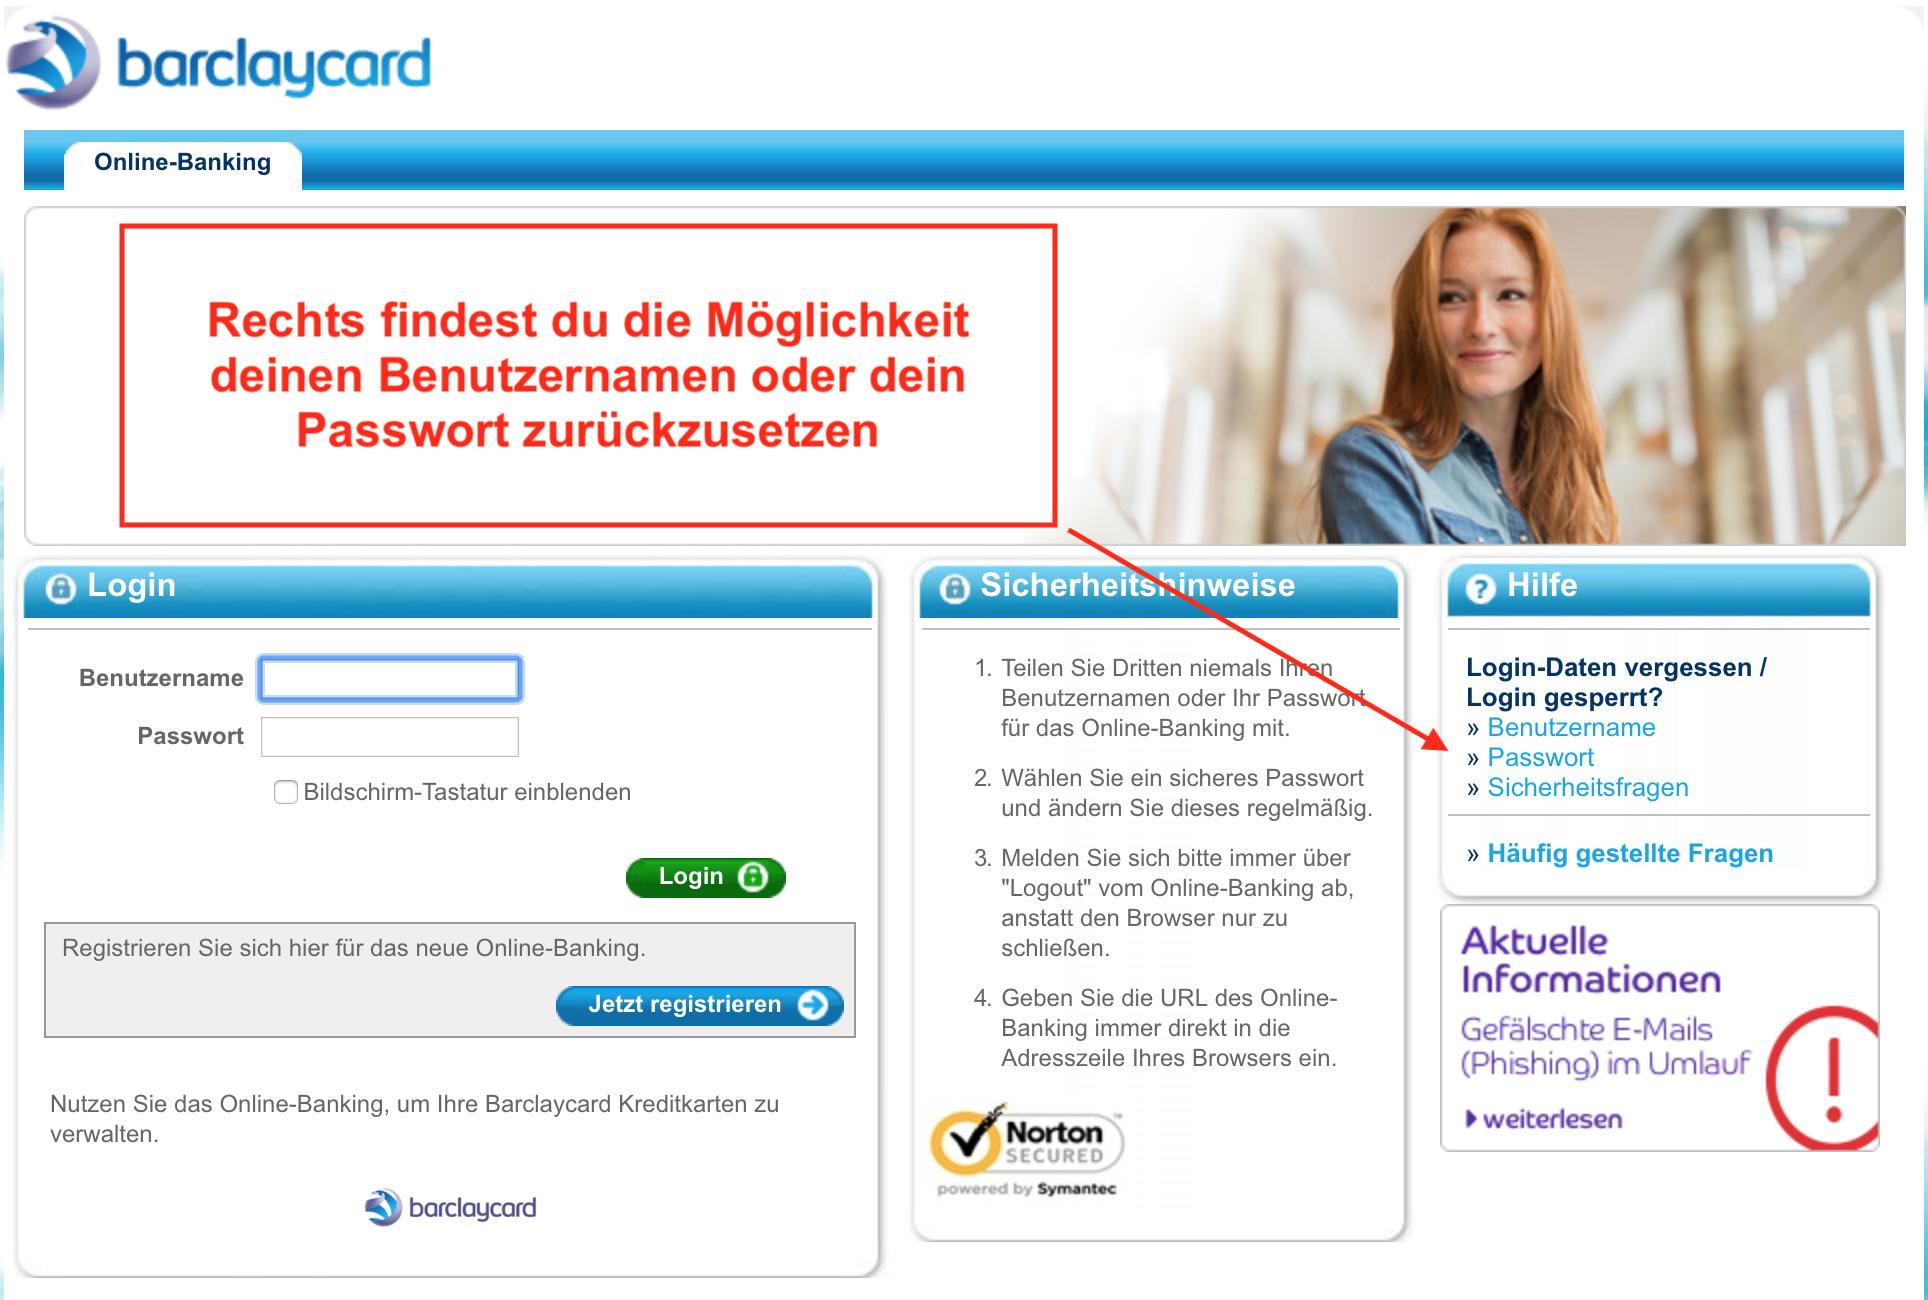 barclaycard Passwort vergessen